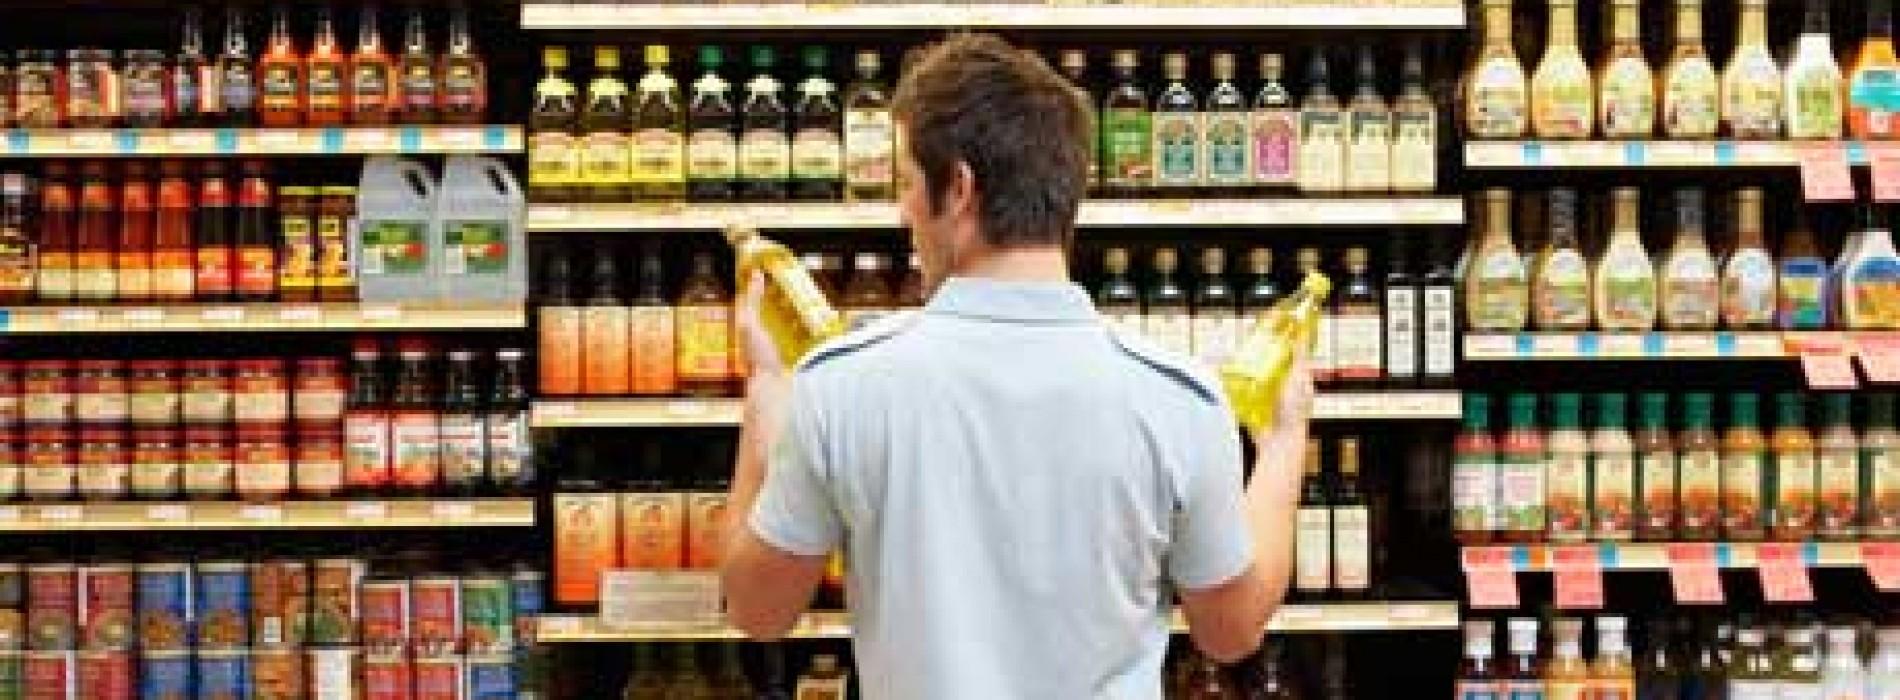 Czy można reklamować towary żywnościowe?